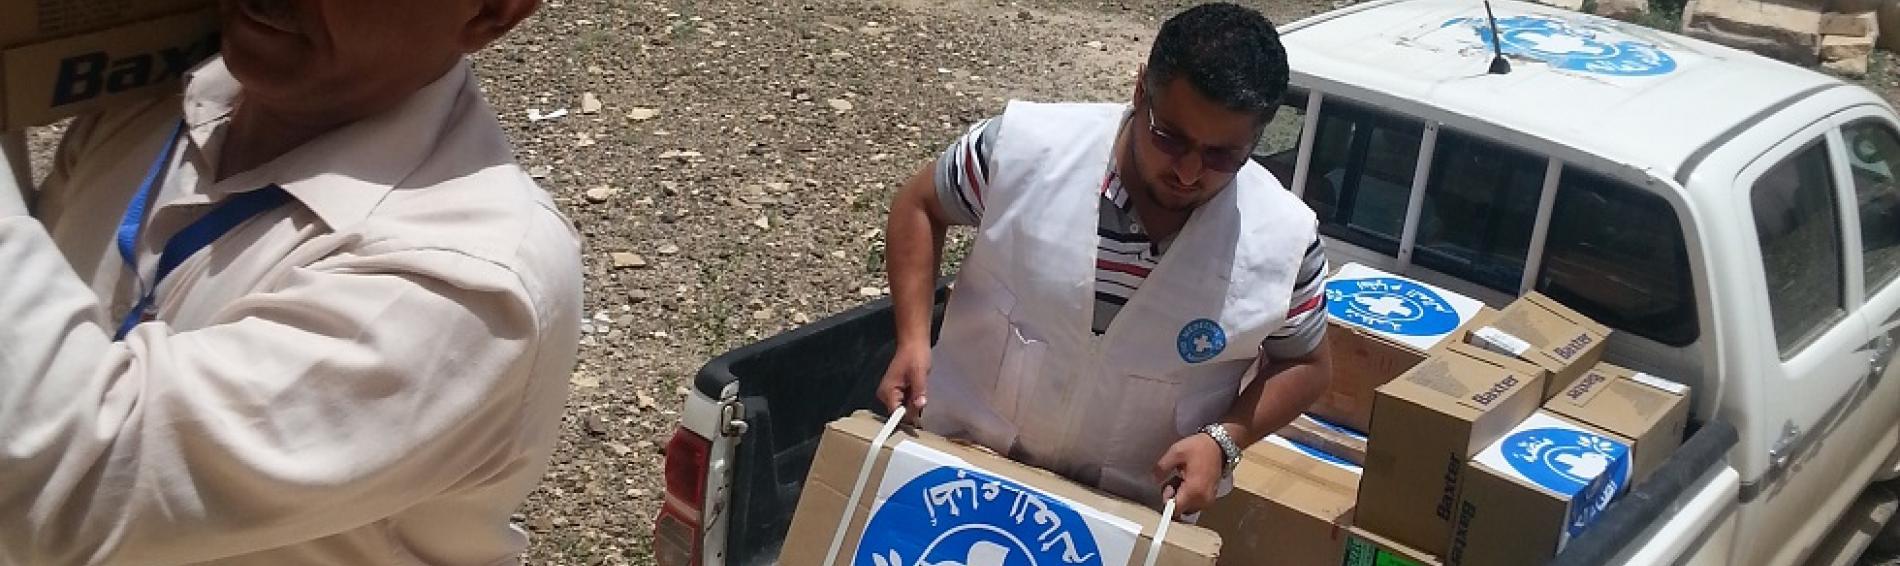 Ärzte der Welt-Mitarbeiter im Jemen entladen einen Lieferwagen